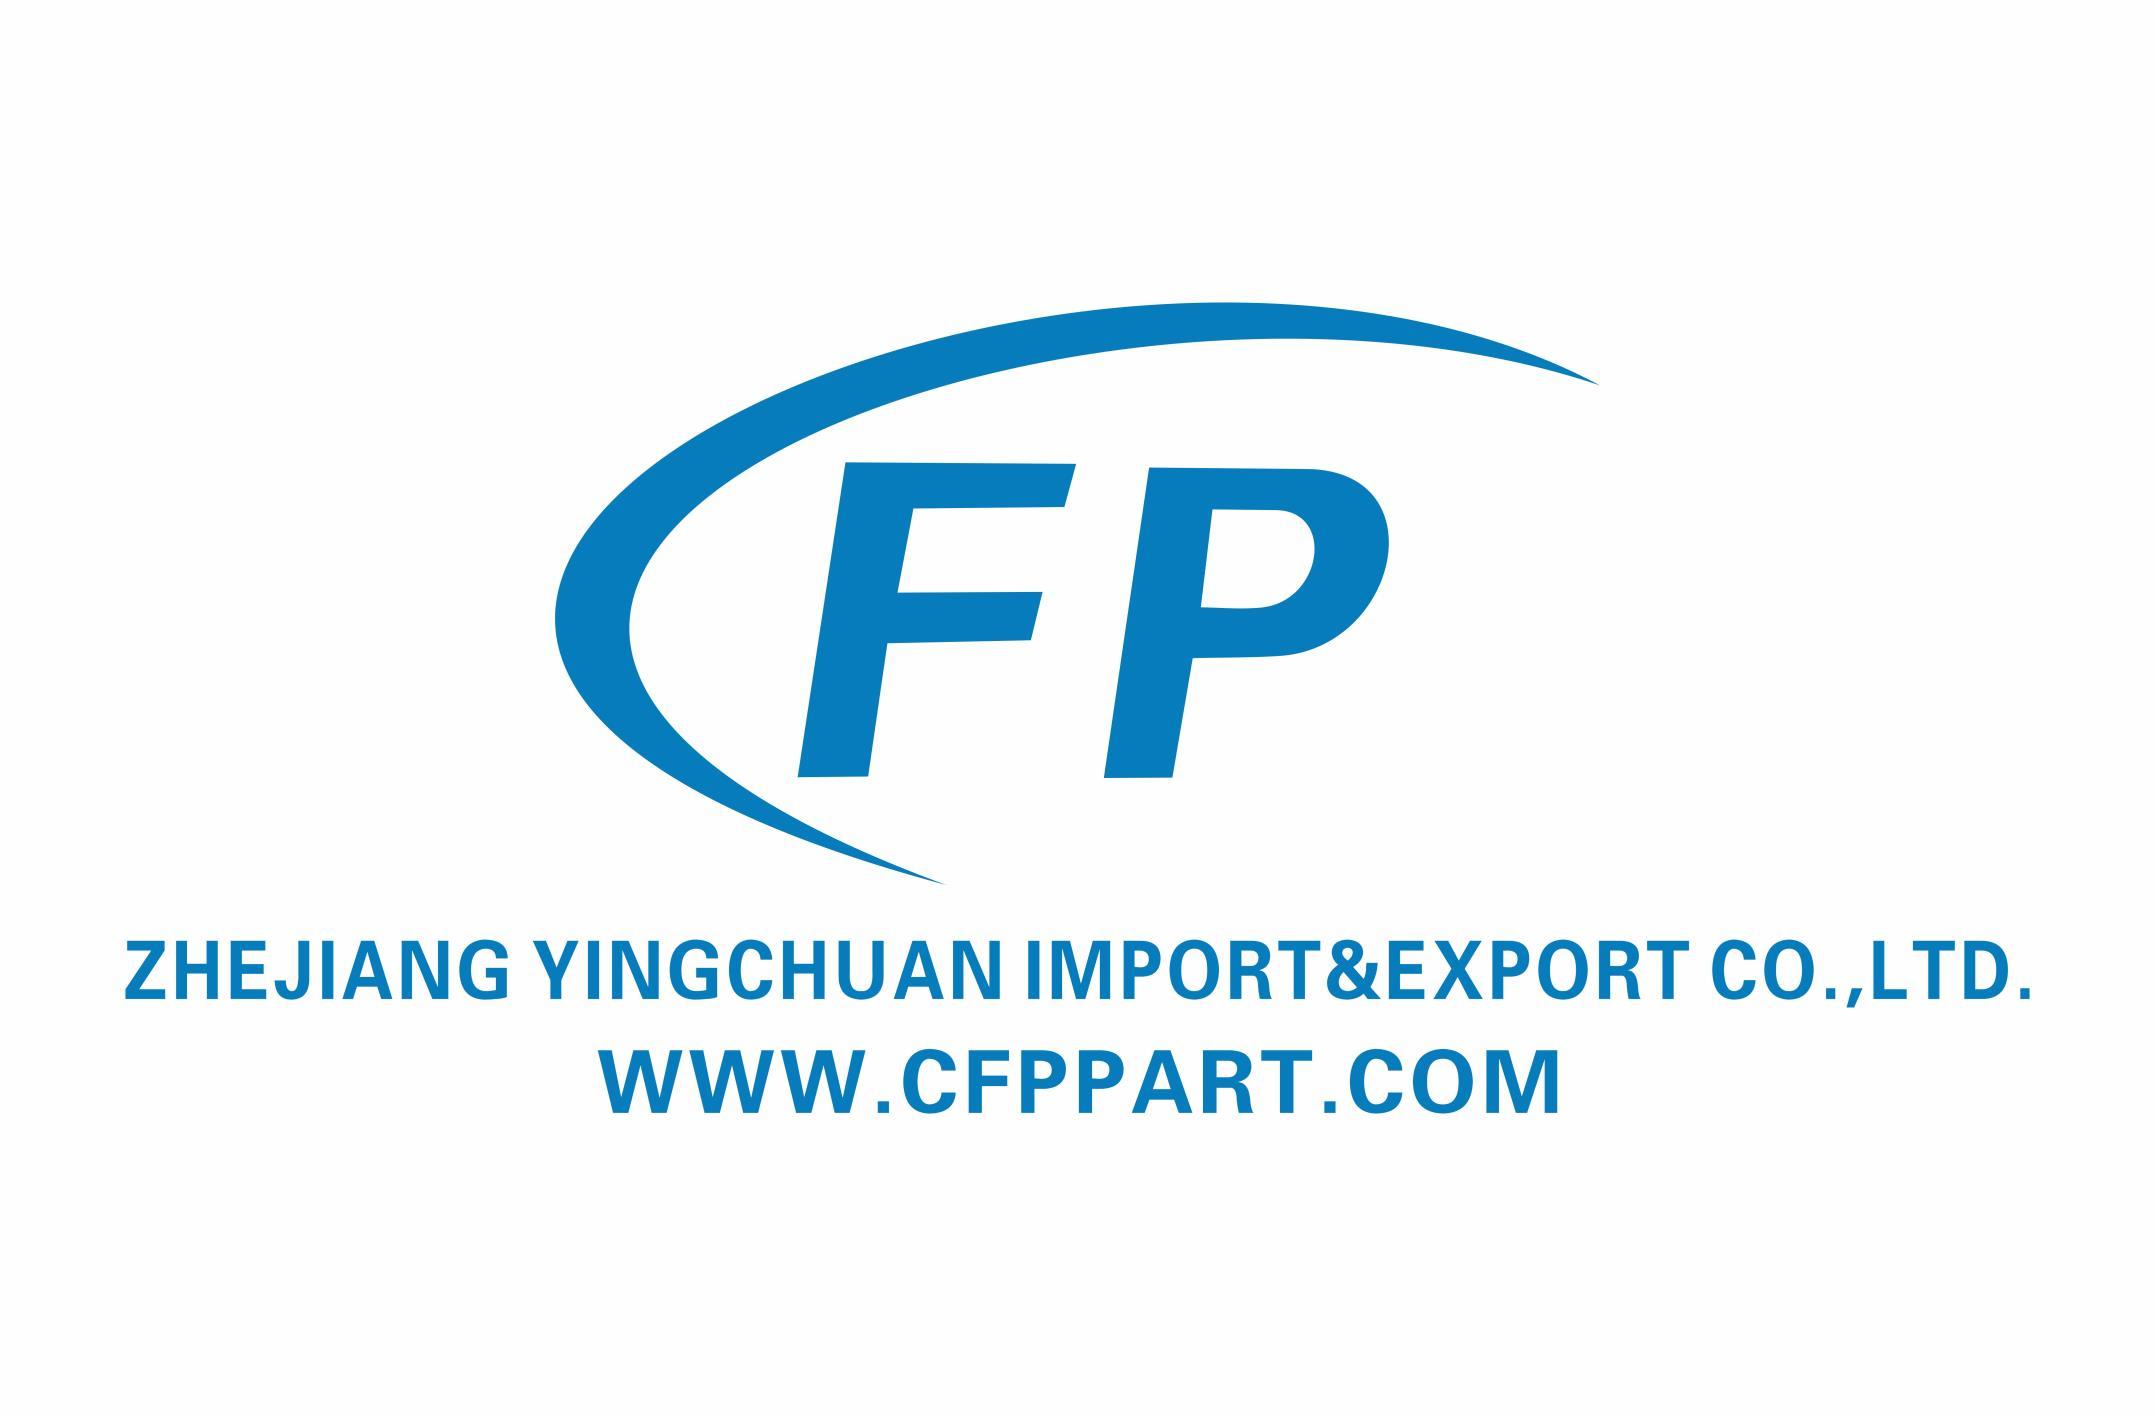 TAIZHOU YINGCHUAN IMPORT & EXPORT CO., LTD.